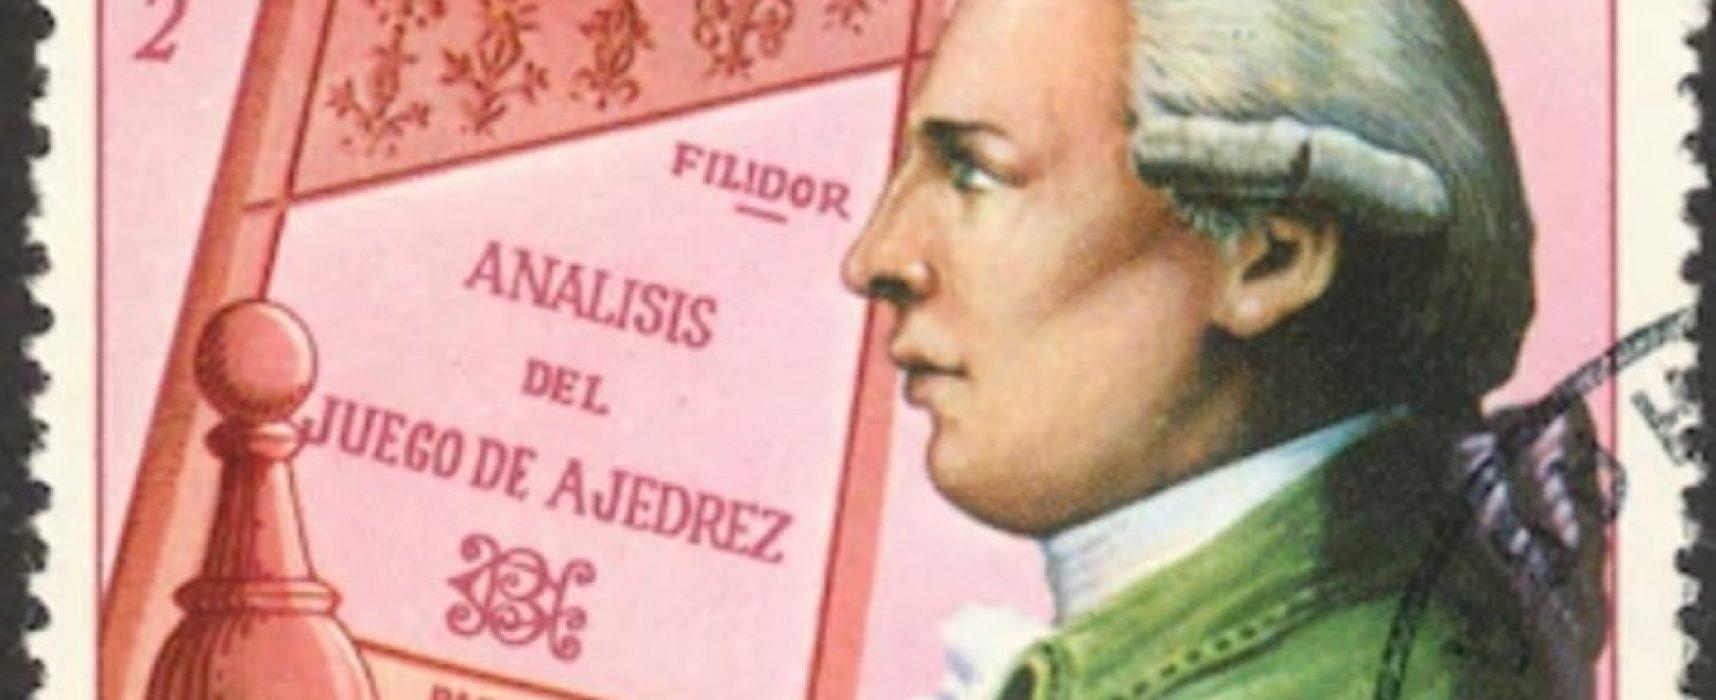 Entrevista con Abel Segura + Philidor, de músico de Luis XV a genio universal del ajedrez